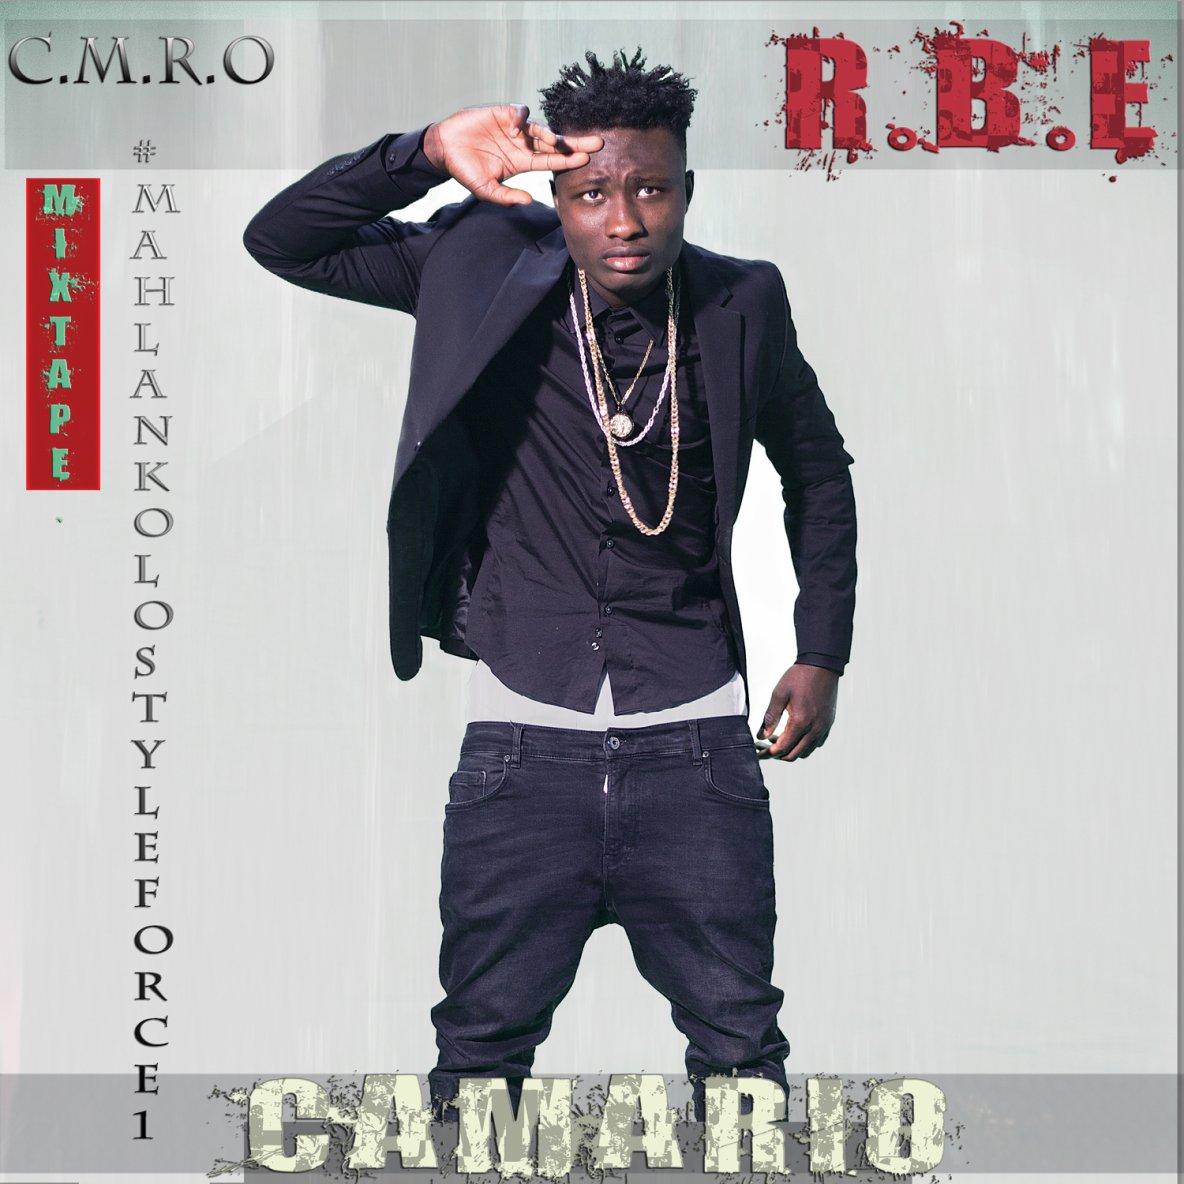 Camario - Swiss Rap Desorde - iGroove